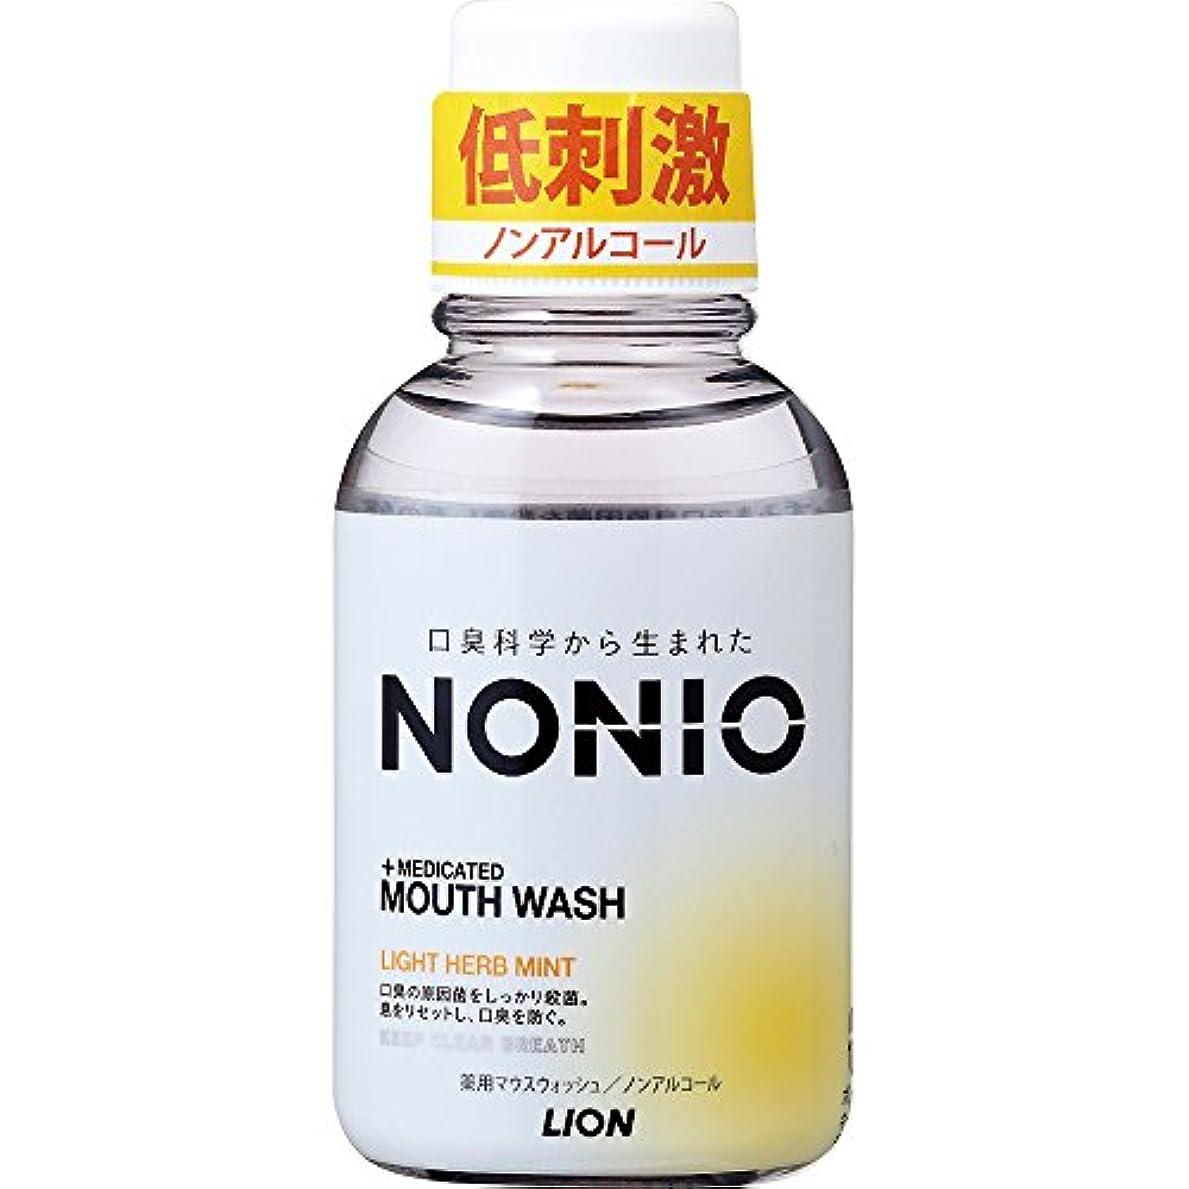 誘惑ビーズ具体的にNONIO マウスウォッシュ ノンアルコール ライトハーブミント 80ml 洗口液 (医薬部外品)